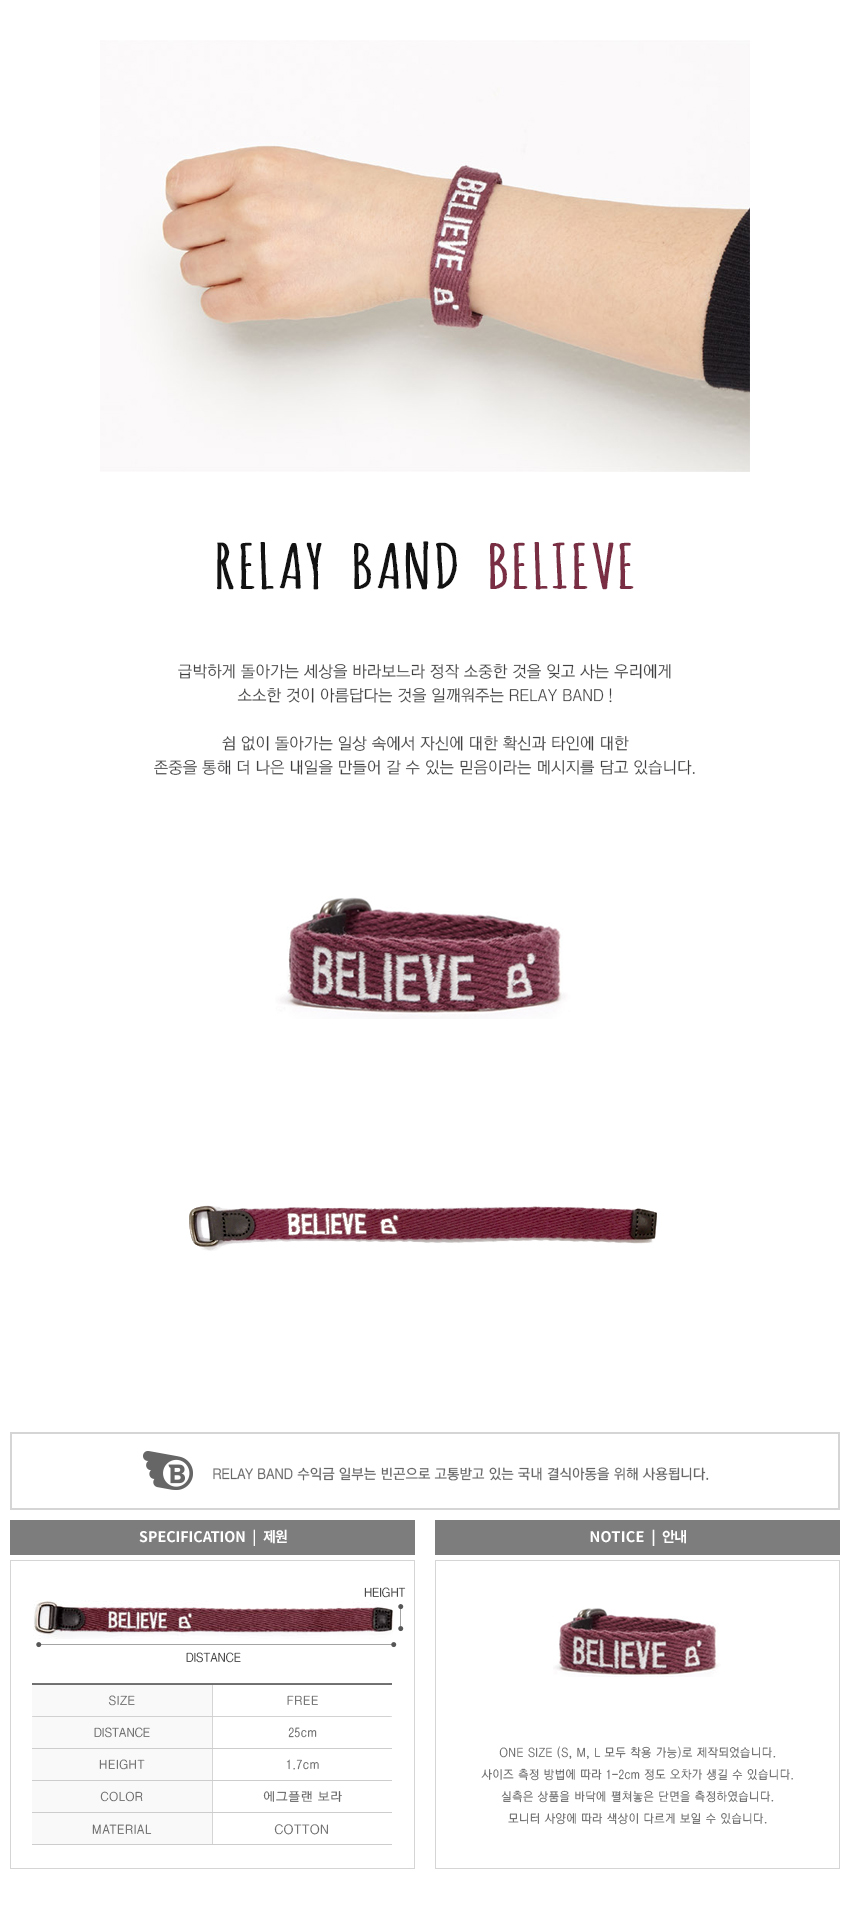 릴레이 밴드 BELIEVE 기부팔찌 - 비마켓, 5,500원, 팔찌, 패션팔찌